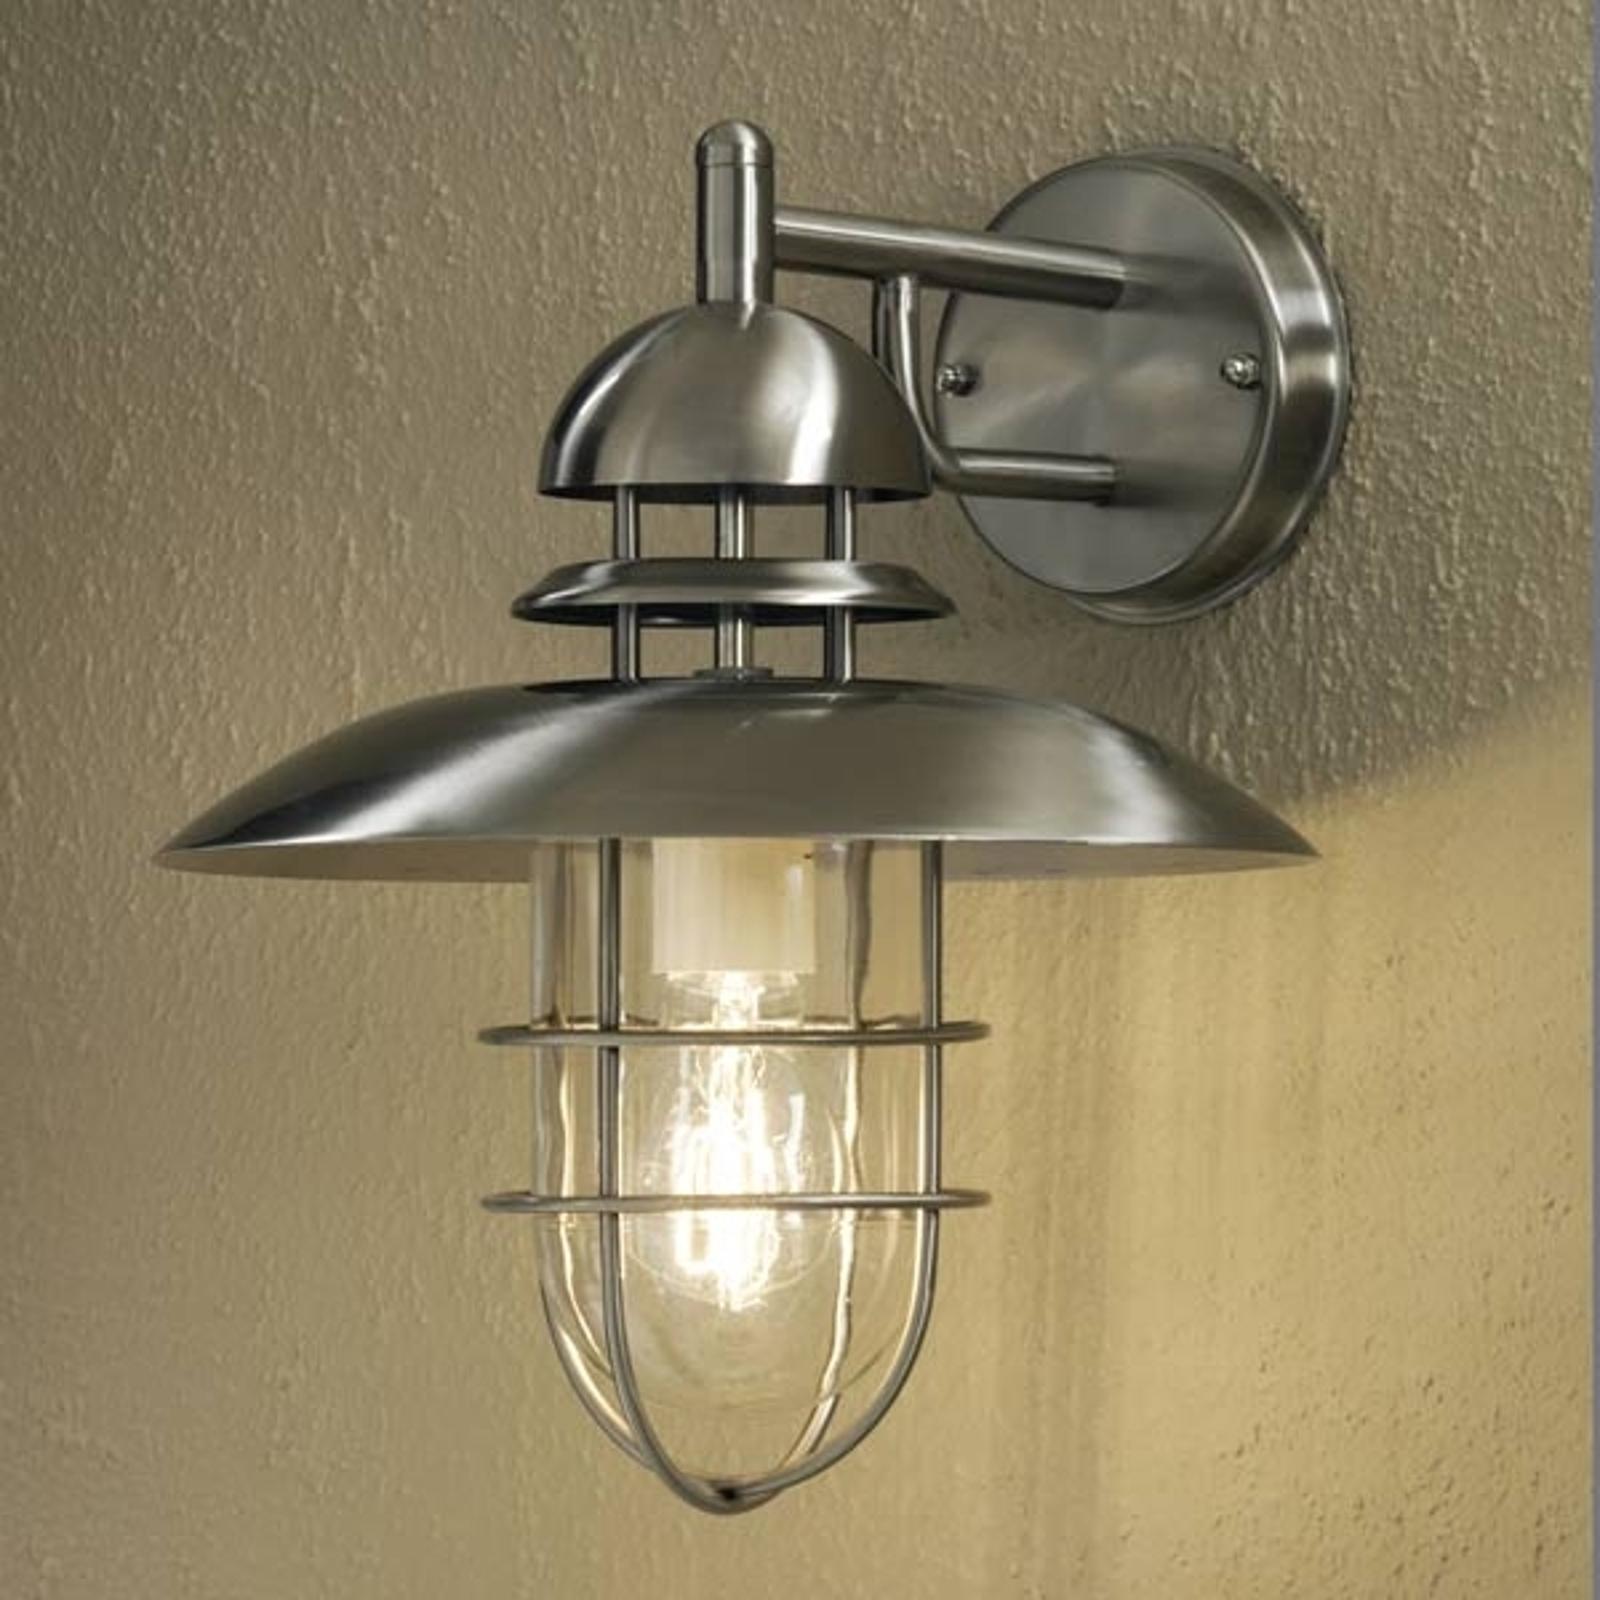 Nowoczesna zewnętrzna lampa ścienna